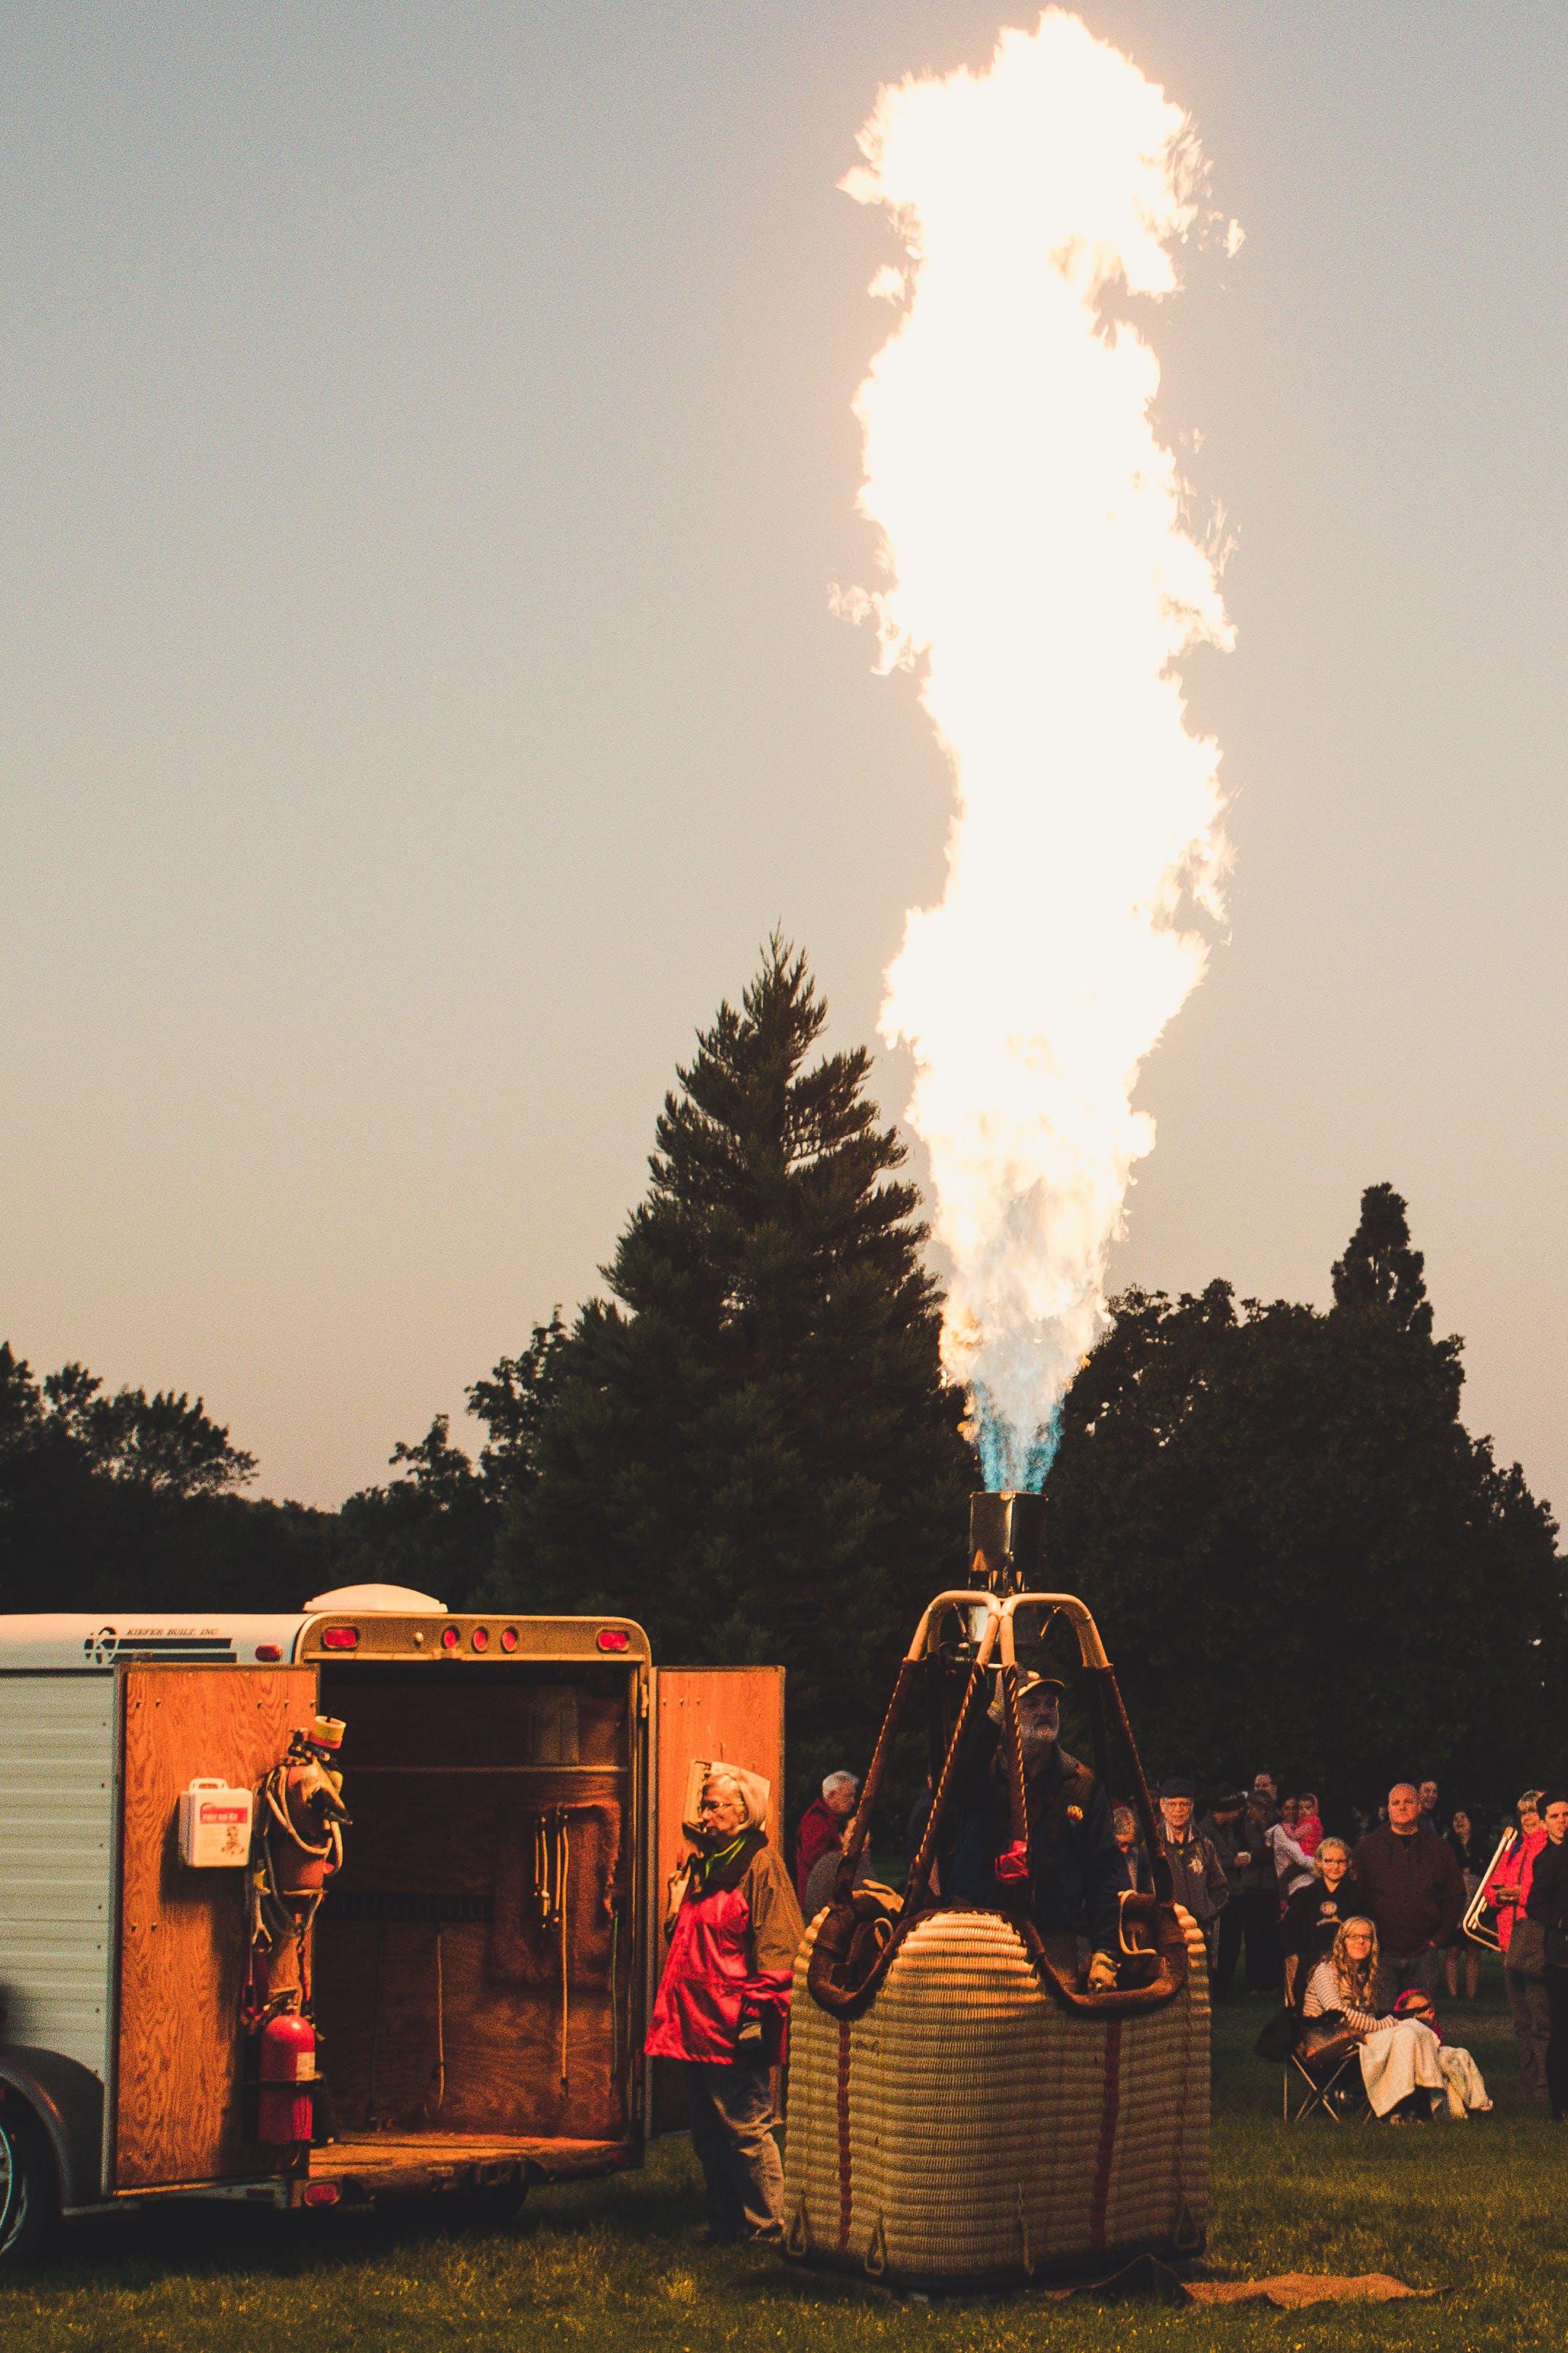 Gratis lagerfoto af flamme, folk, græs, landskab